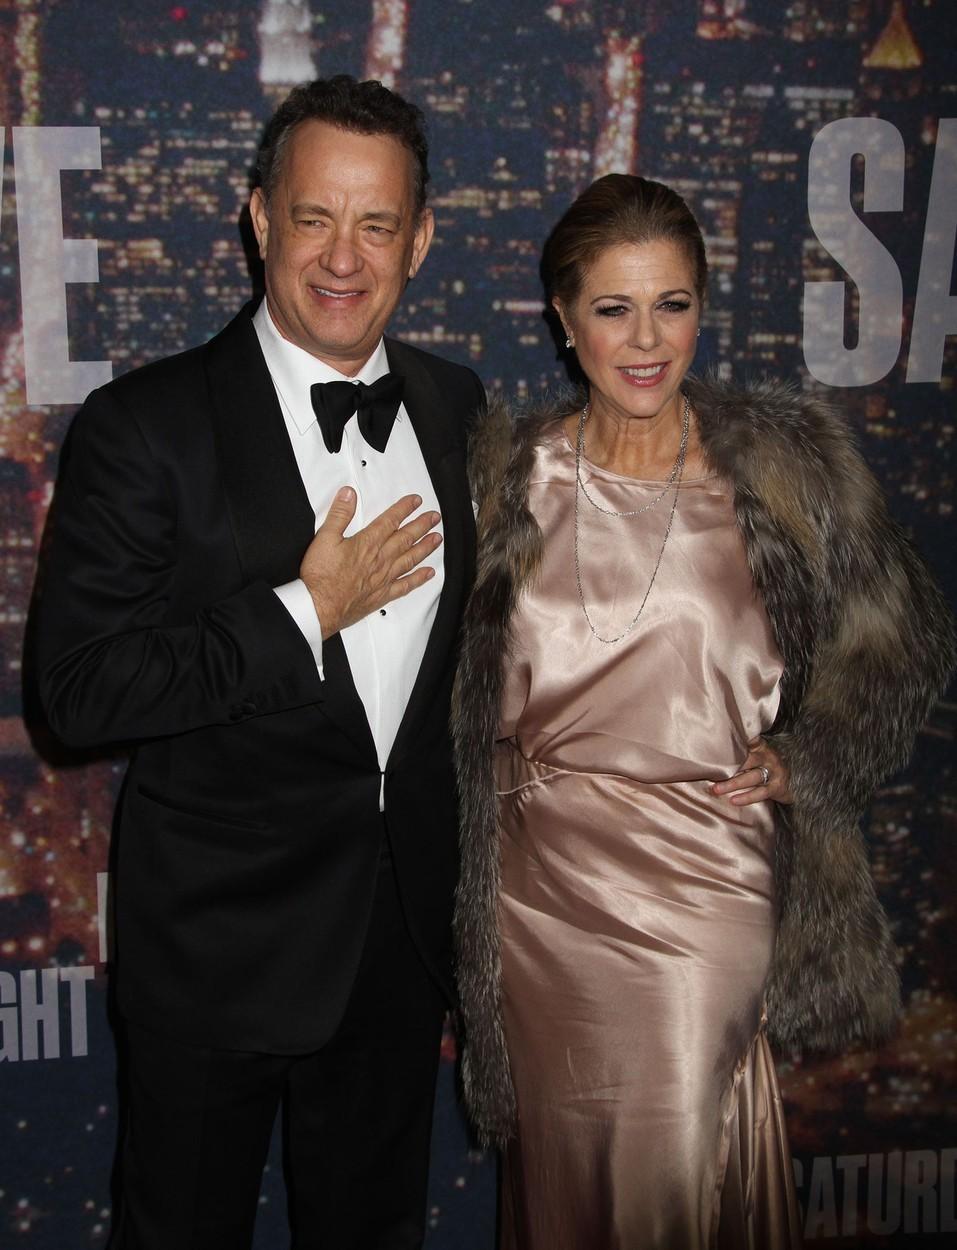 """Tom Hanks (59) a Rita Wilson (59) se poprvé potkali při natáčení televizního seriálu Bosom Buddies v osmdesátých letech. V roce 1988 si řekli """"ano""""."""